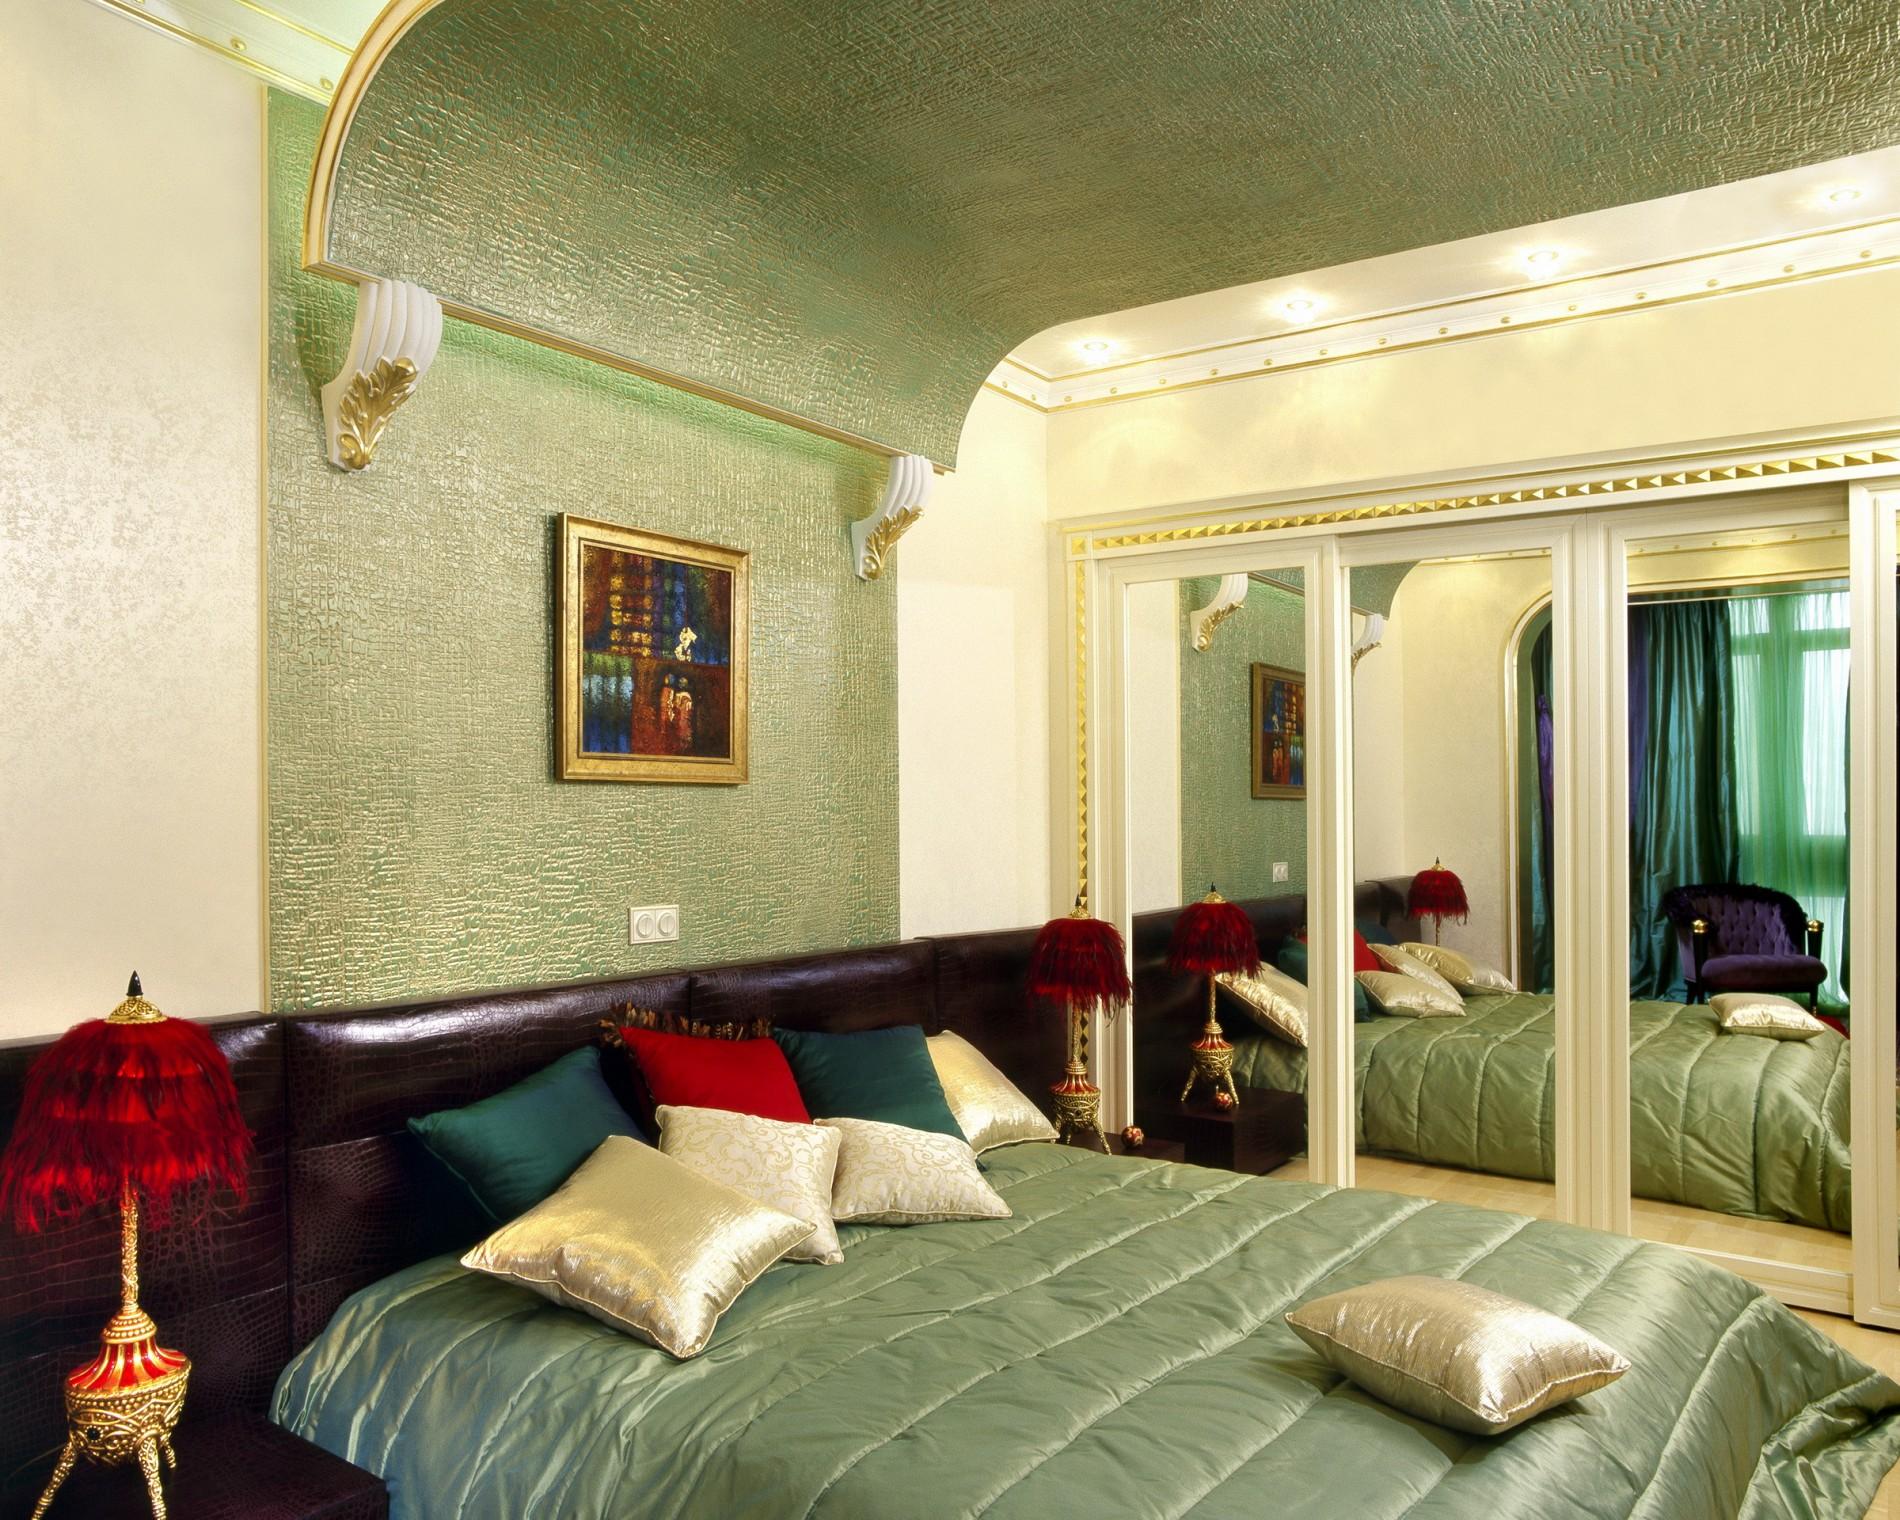 эксклюзивный дизайн интерьера спальни